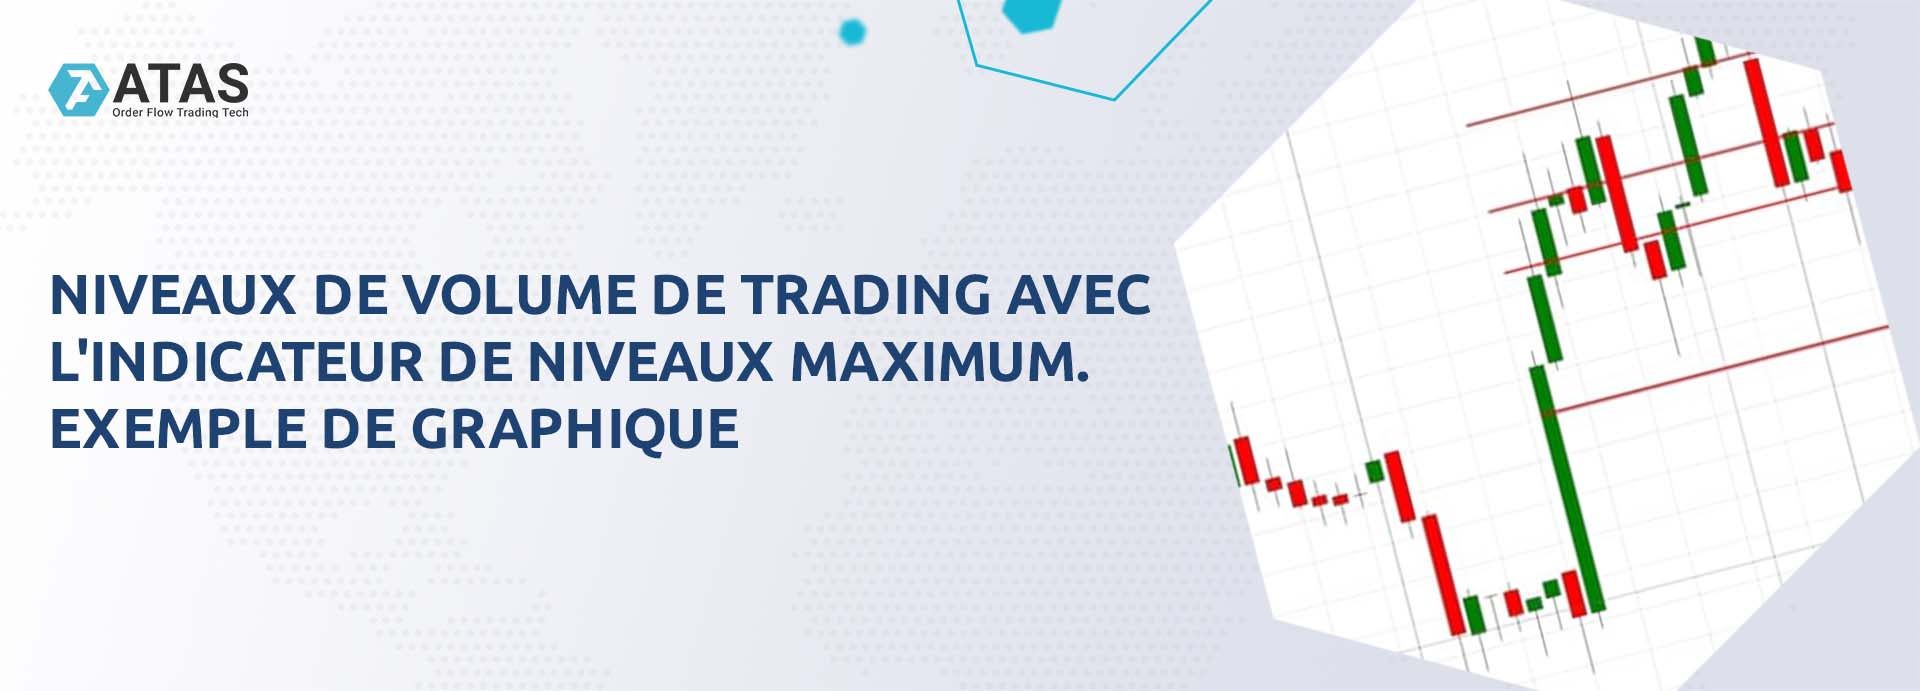 Niveaux de volume de trading avec l'indicateur de niveaux maximum. Exemple de graphique